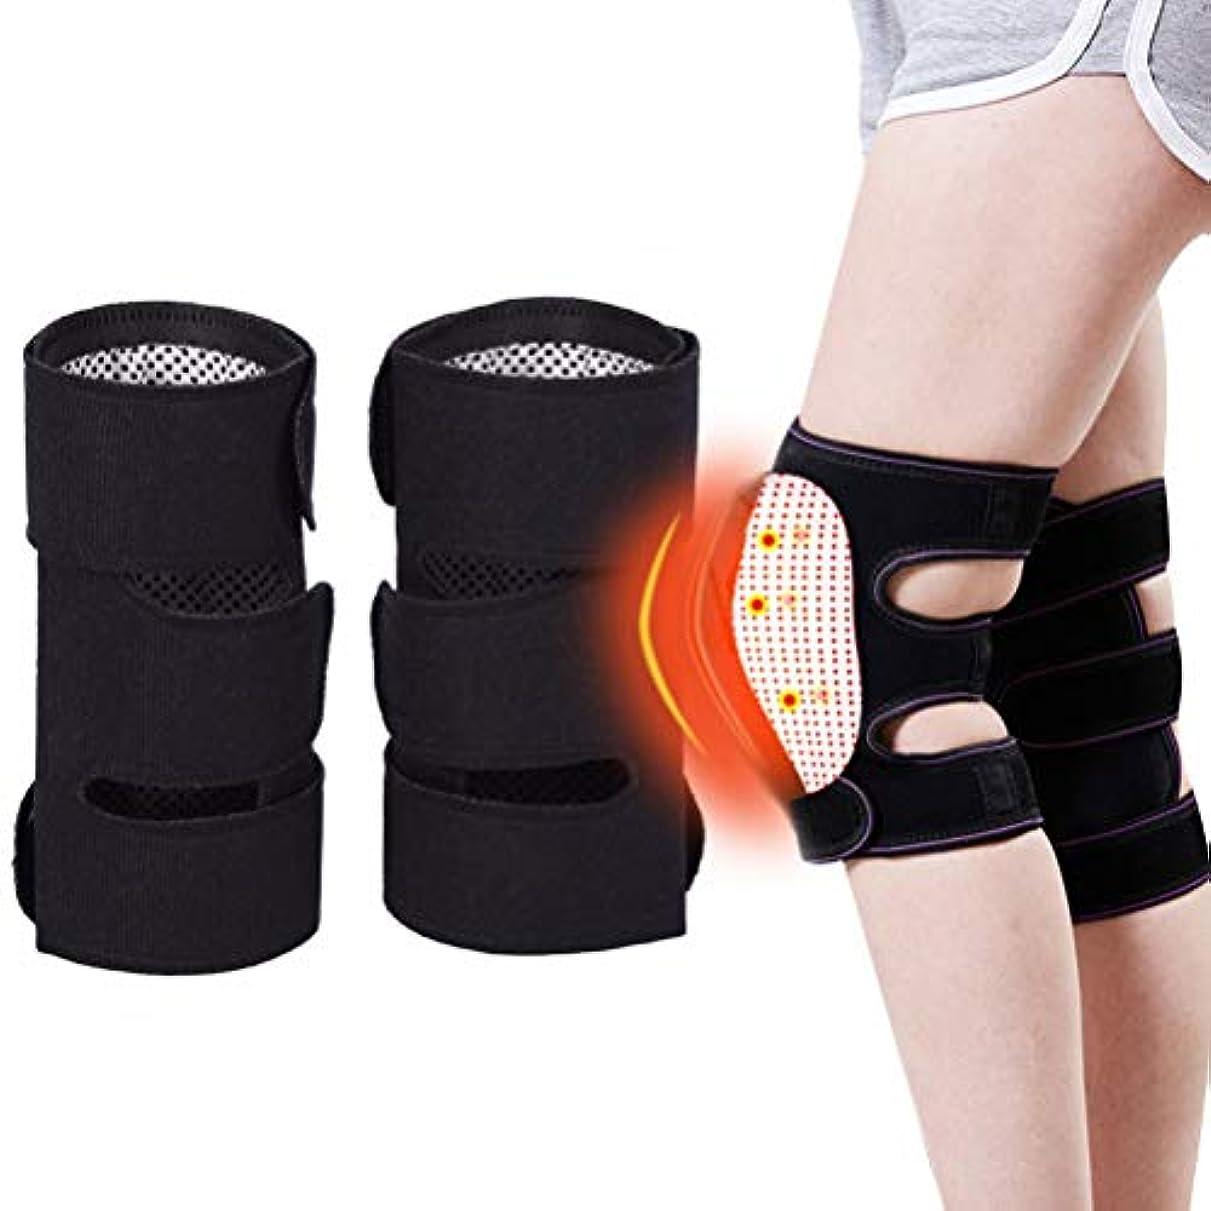 名詞ホップ道徳のBadasa 1ペアトルマリン自己発熱膝パッド磁気療法膝パッド痛み緩和関節炎ブレースサポート膝蓋膝スリーブパッド